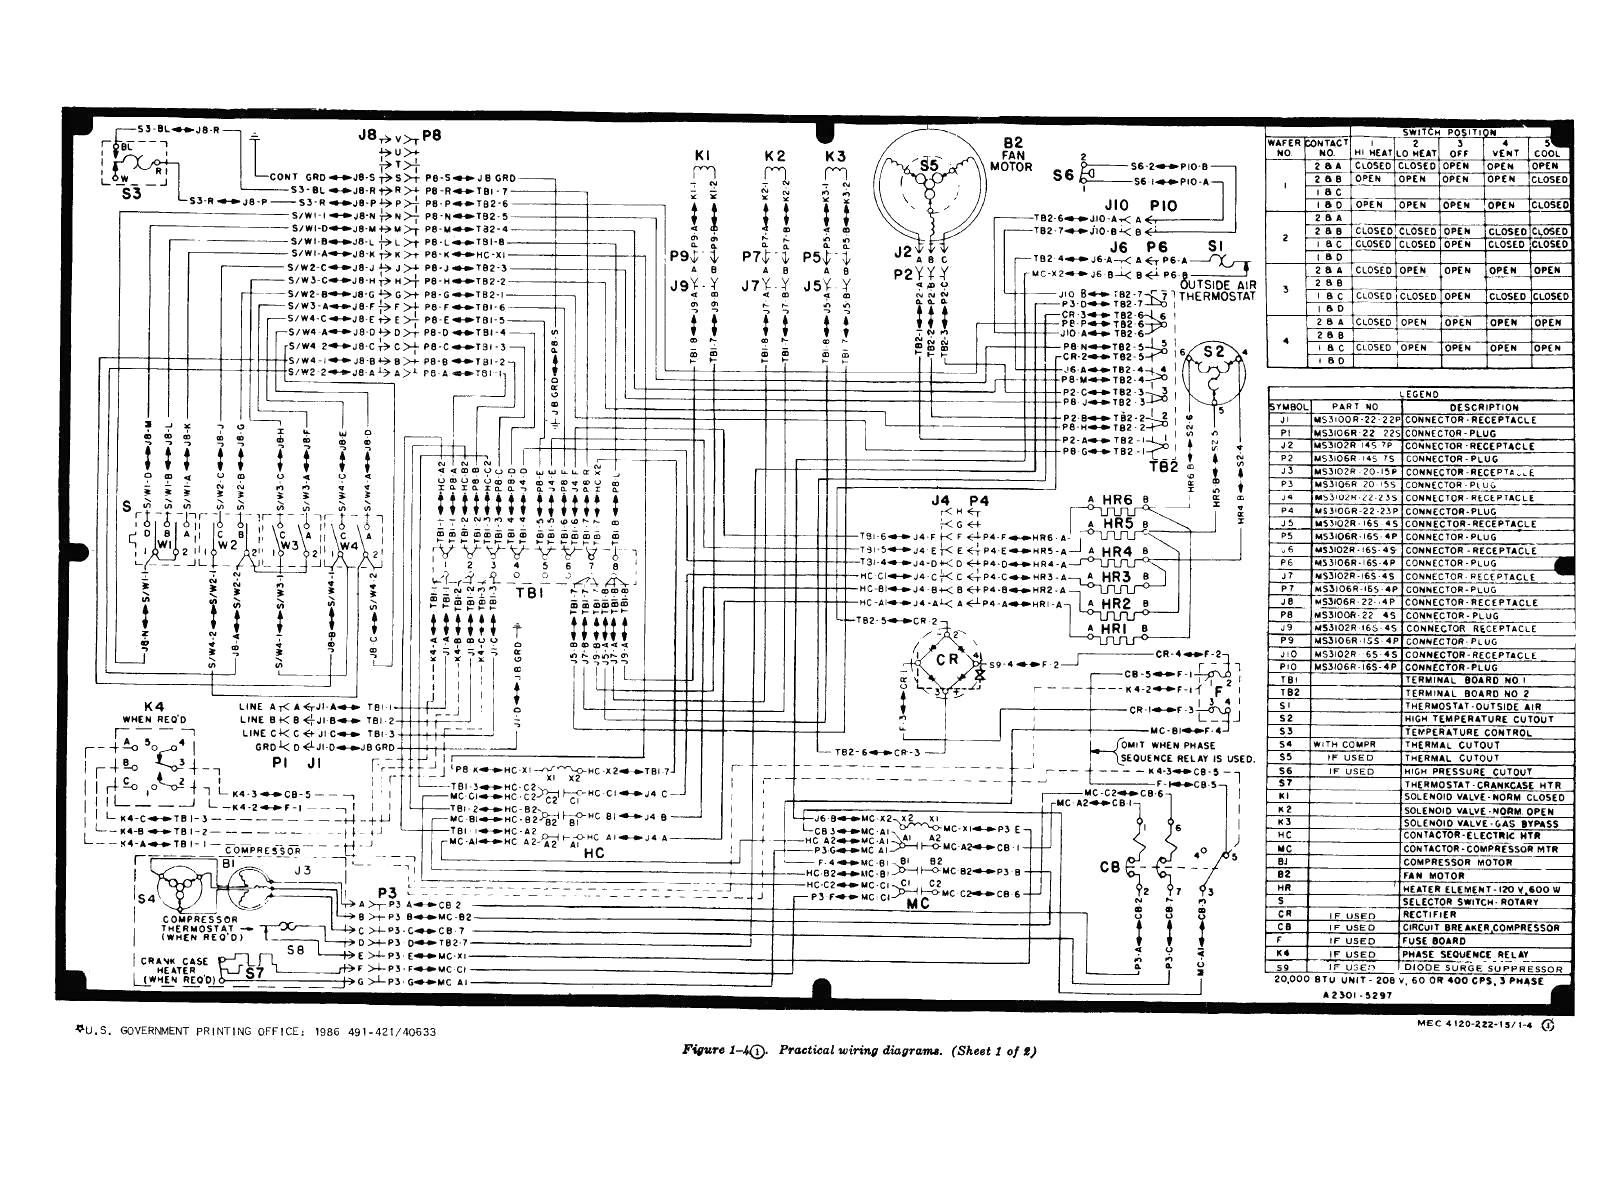 Trane Wiring Diagram Webtor Me Striking Blurts